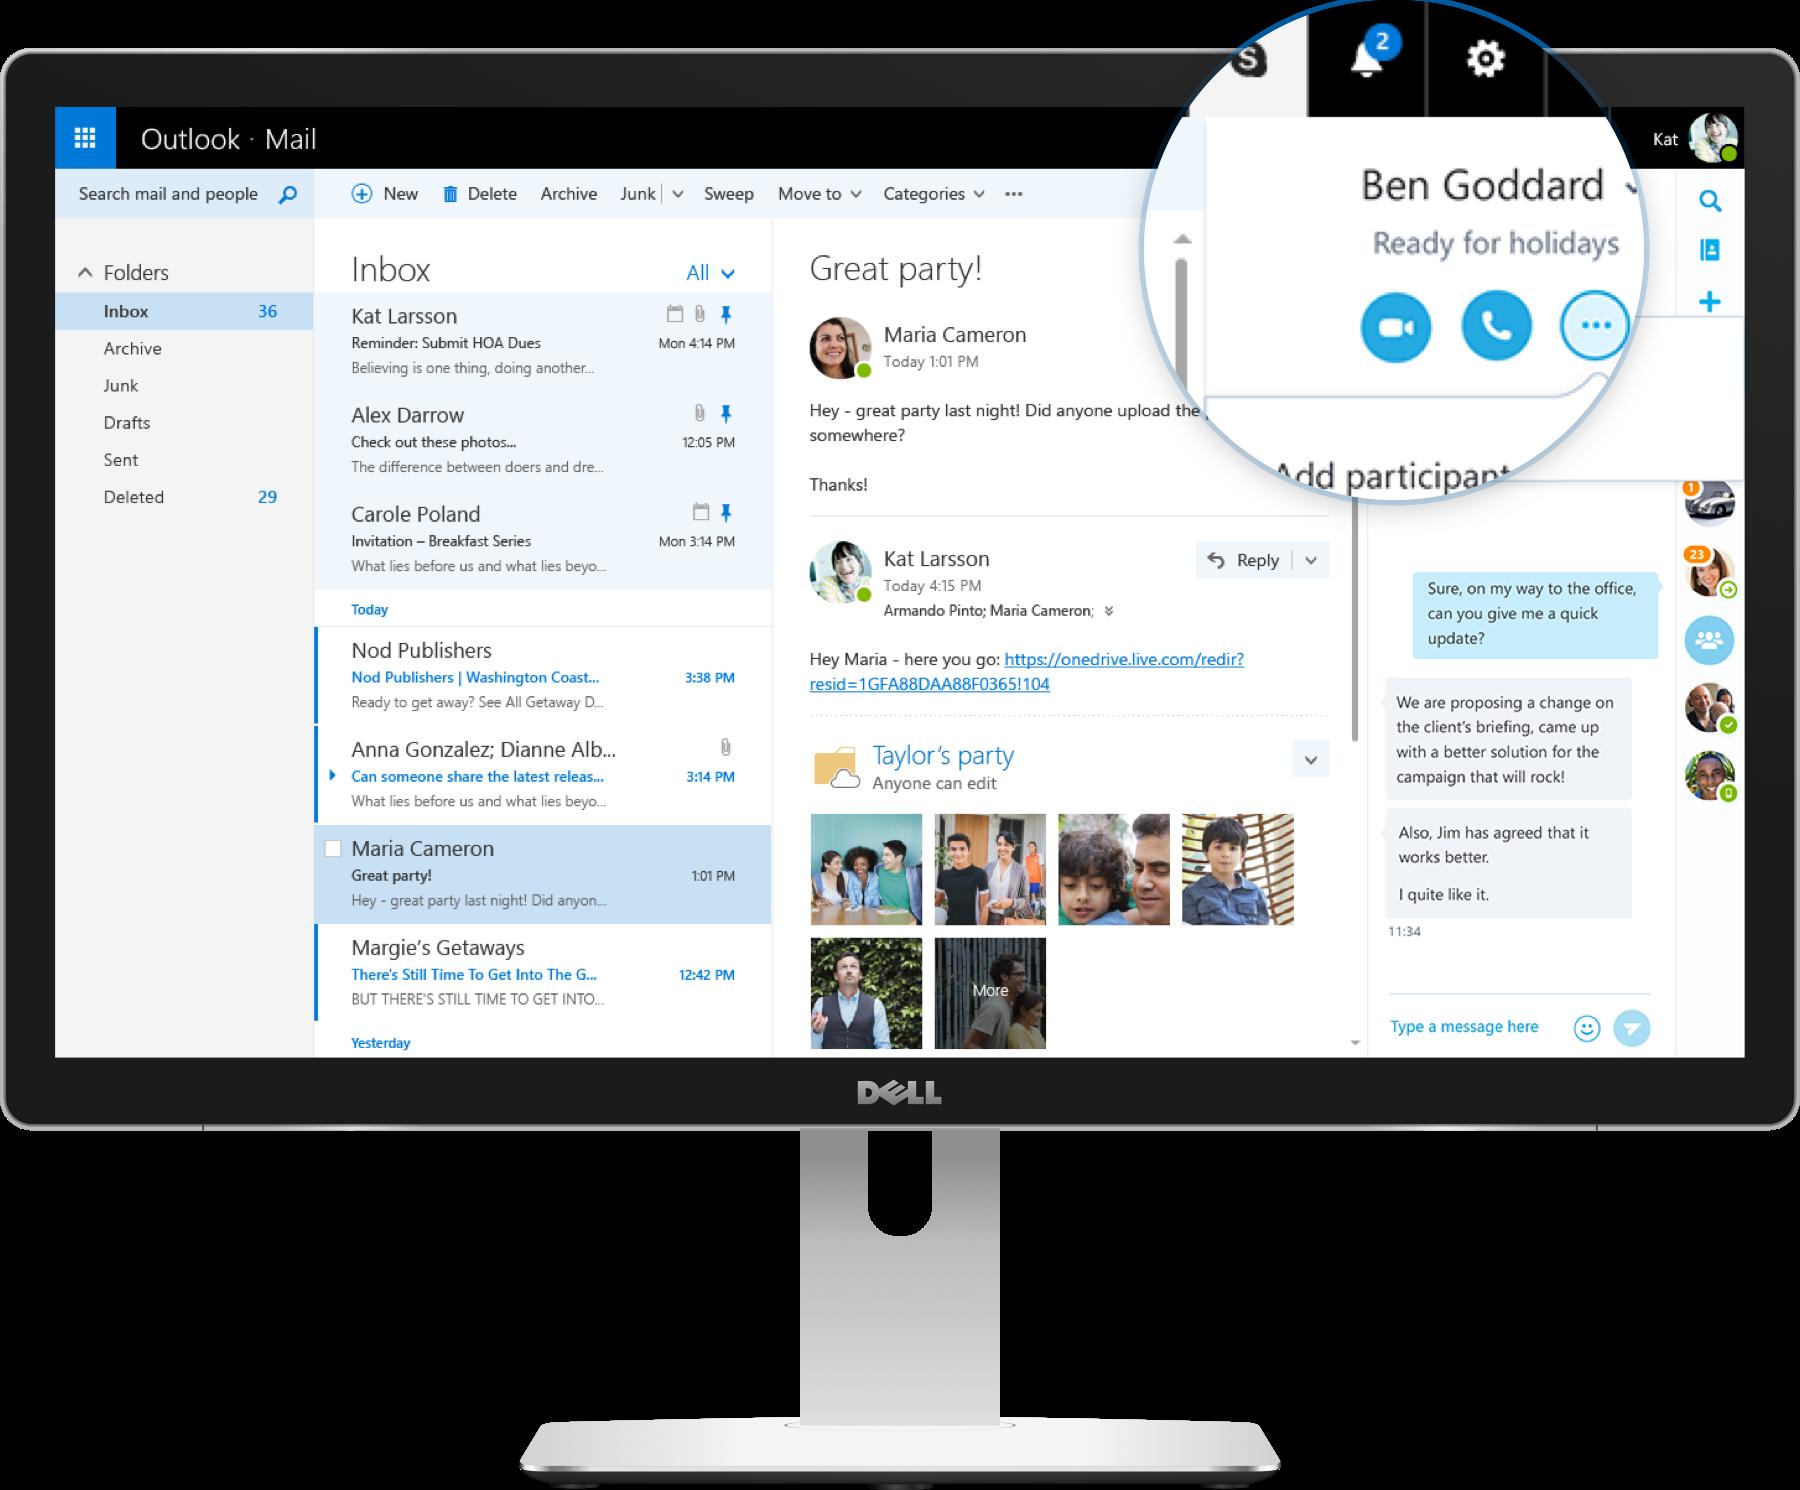 outlookcom has great skype integration - Com